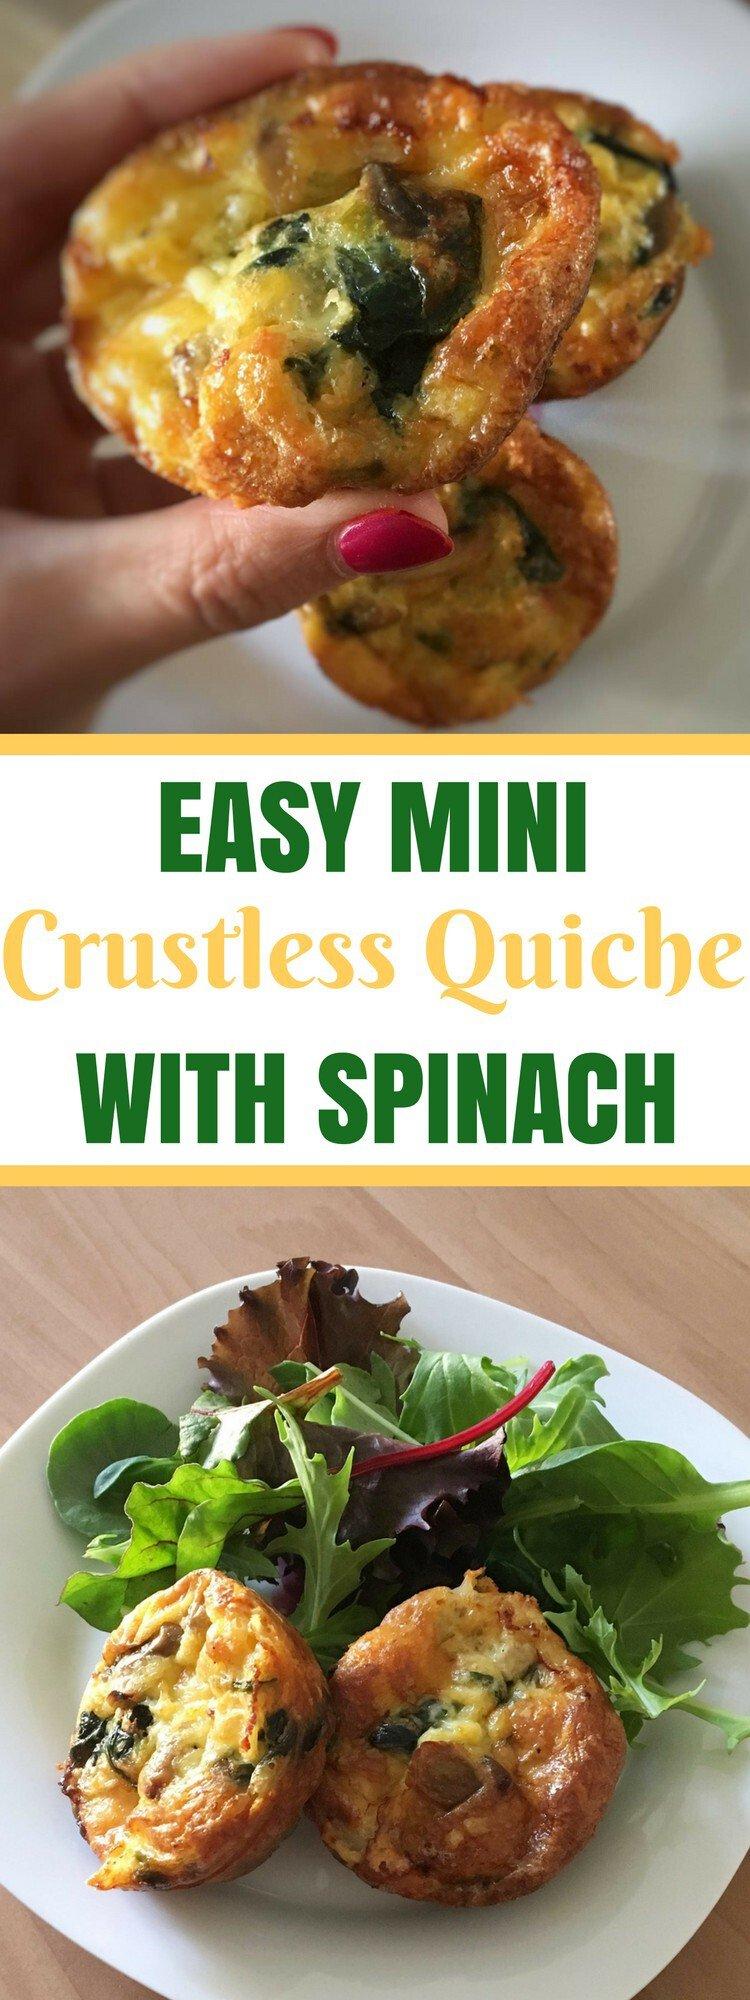 Mini Crustless Quiche With Spinach Recipe